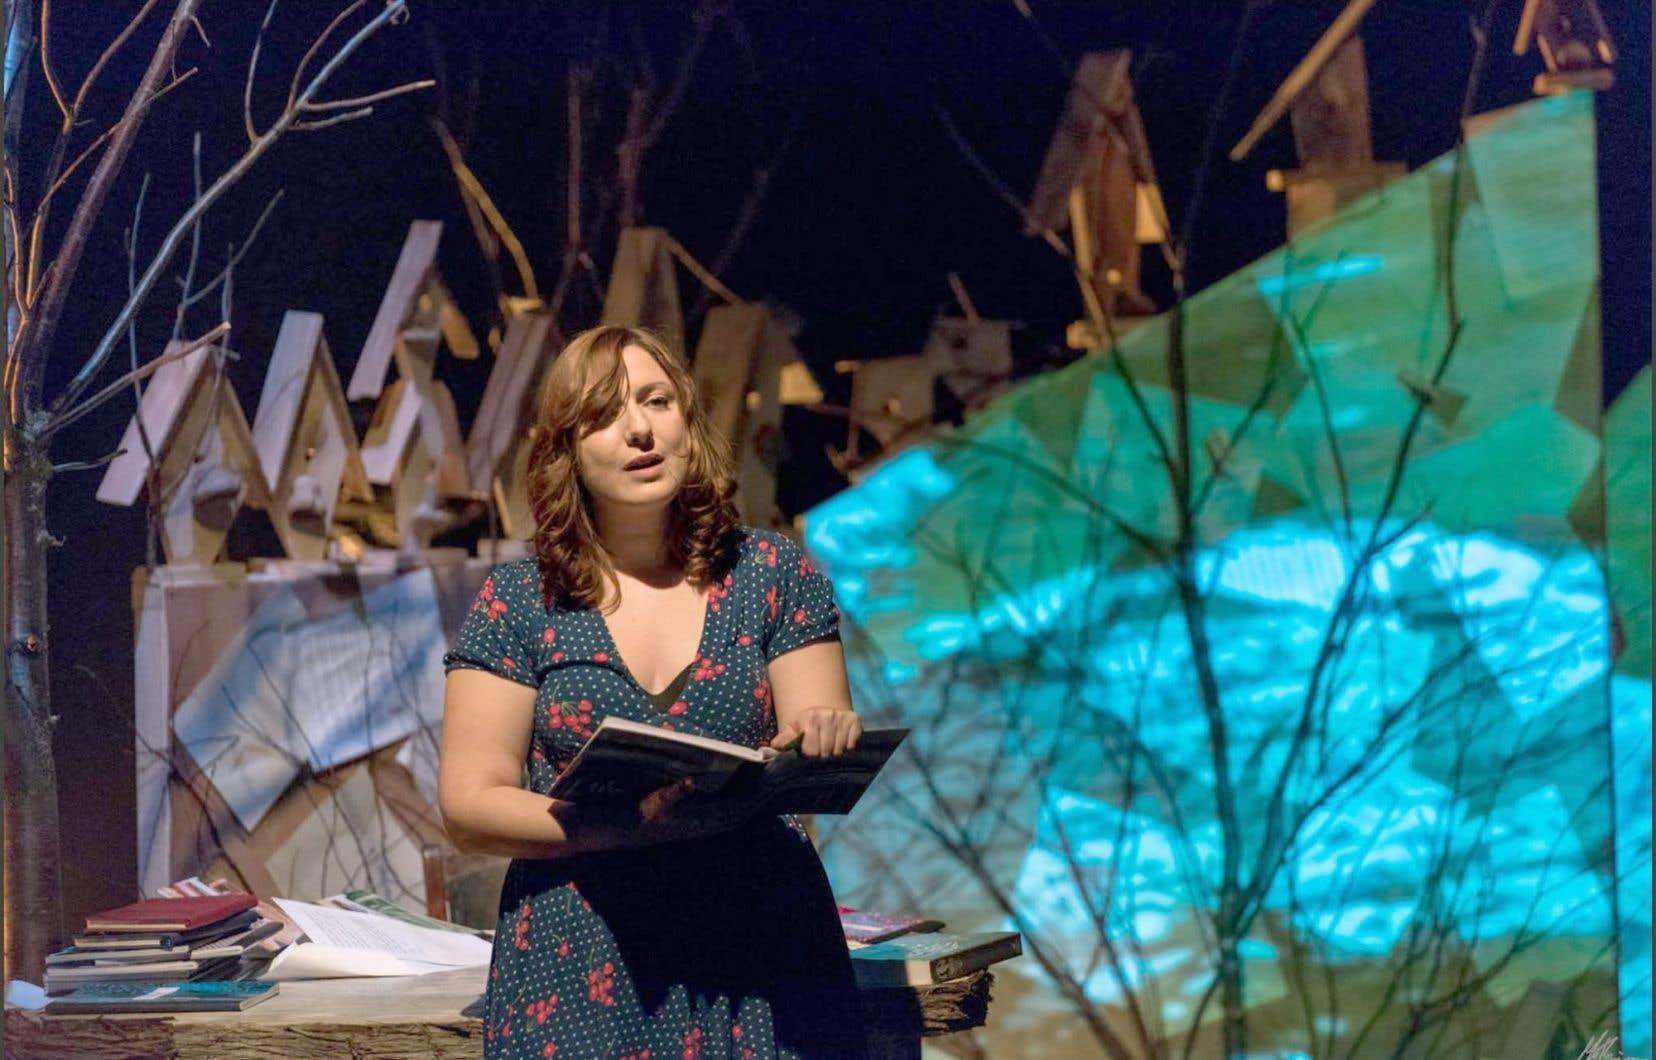 Stéphanie Pelletier lors de son spectacle solo Le cul dans la fraîcheur du temps qui s'écoule, présenté au Théâtre du Bic